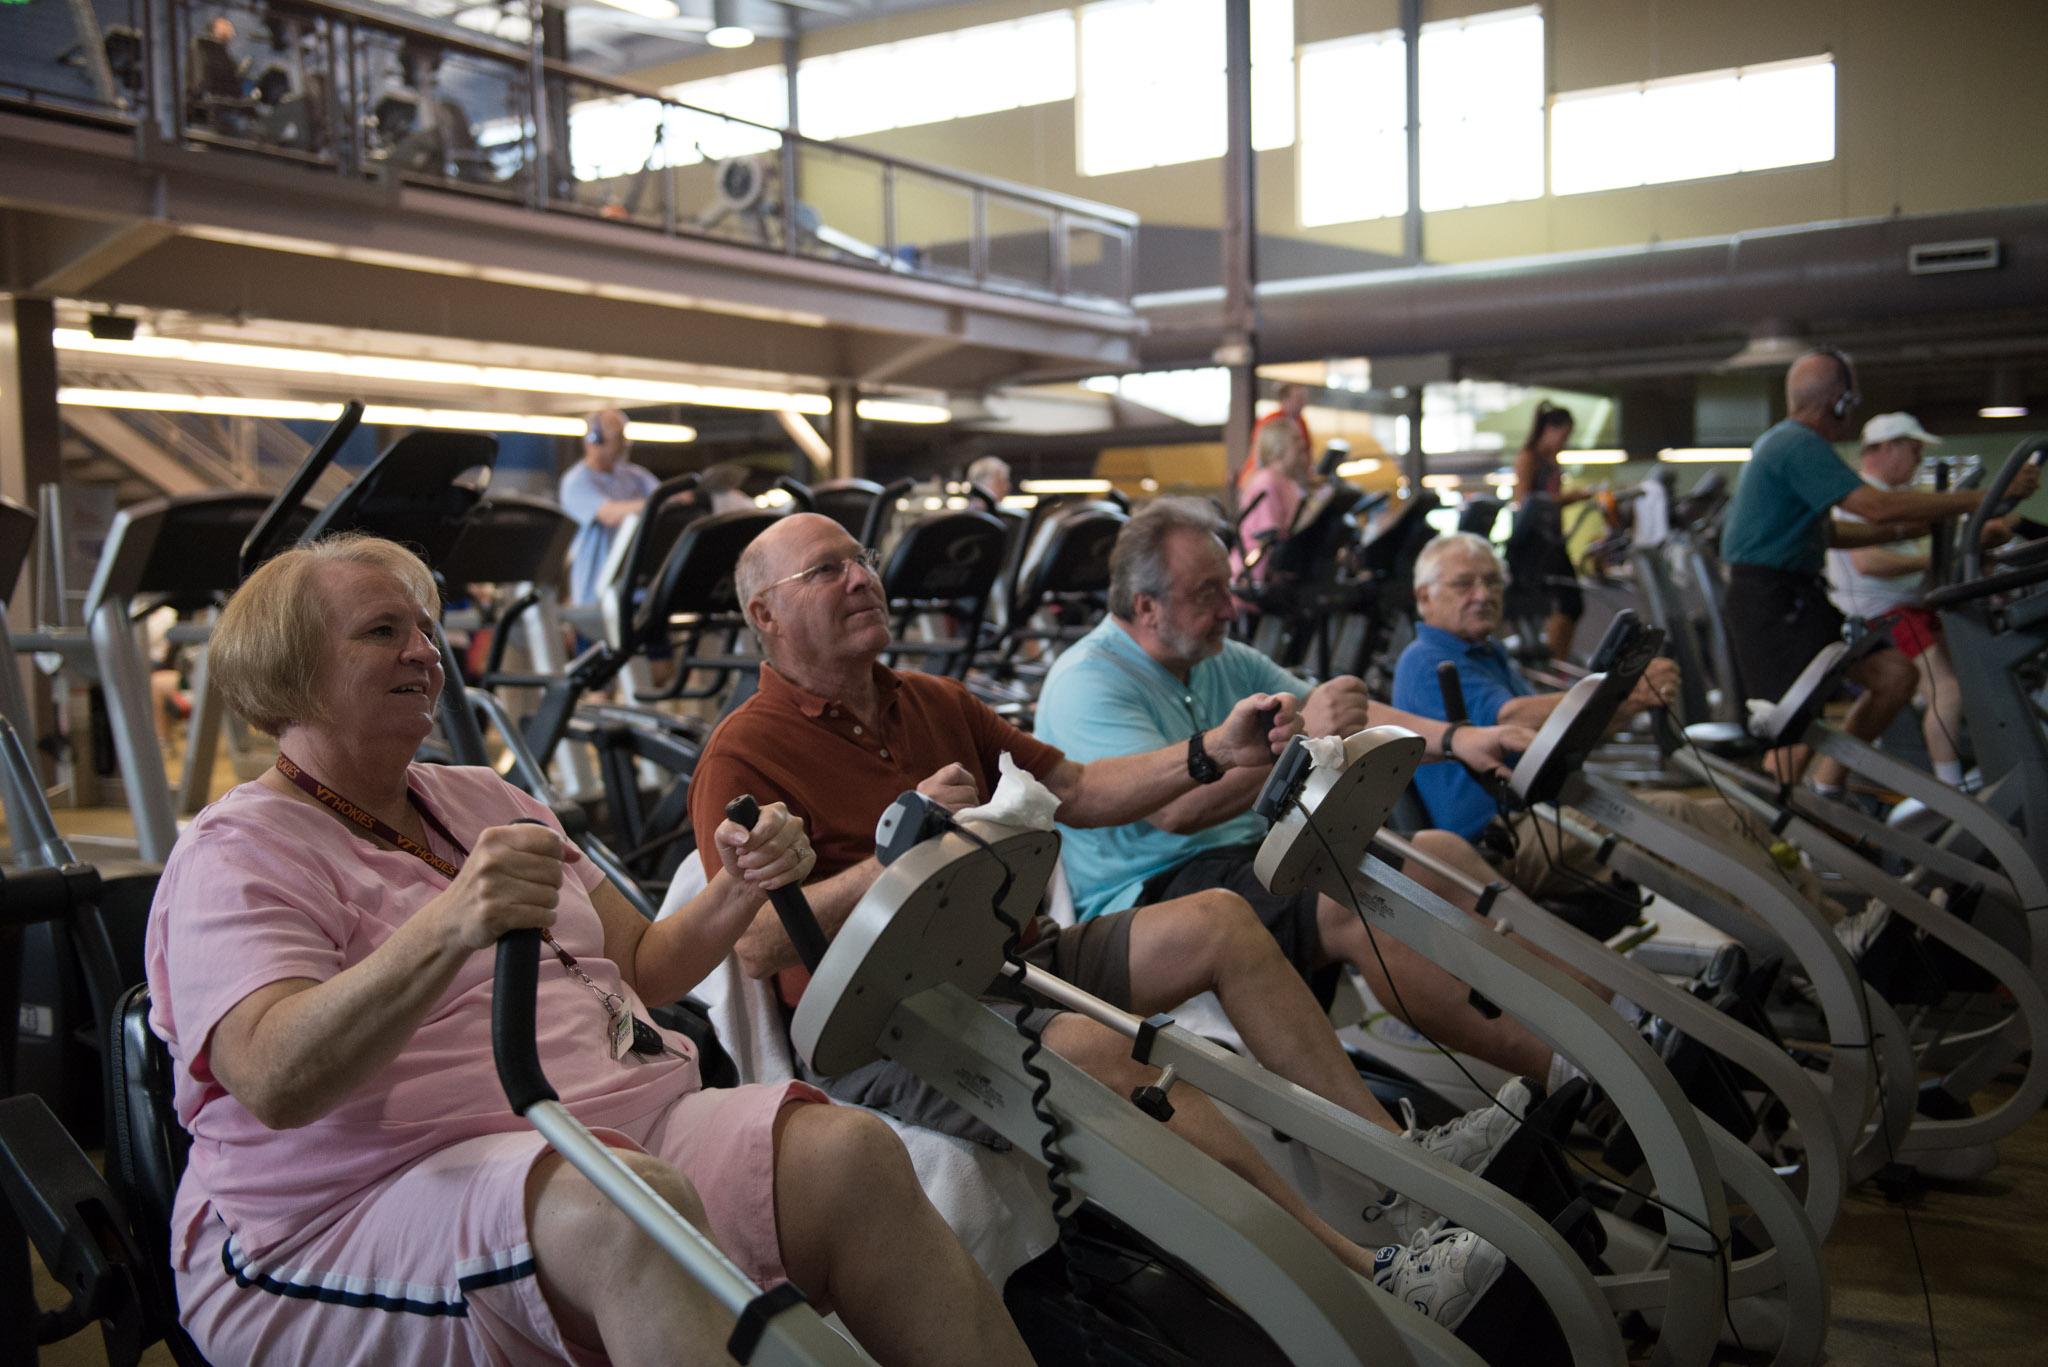 Wellness Center Stock Photos-1381.jpg